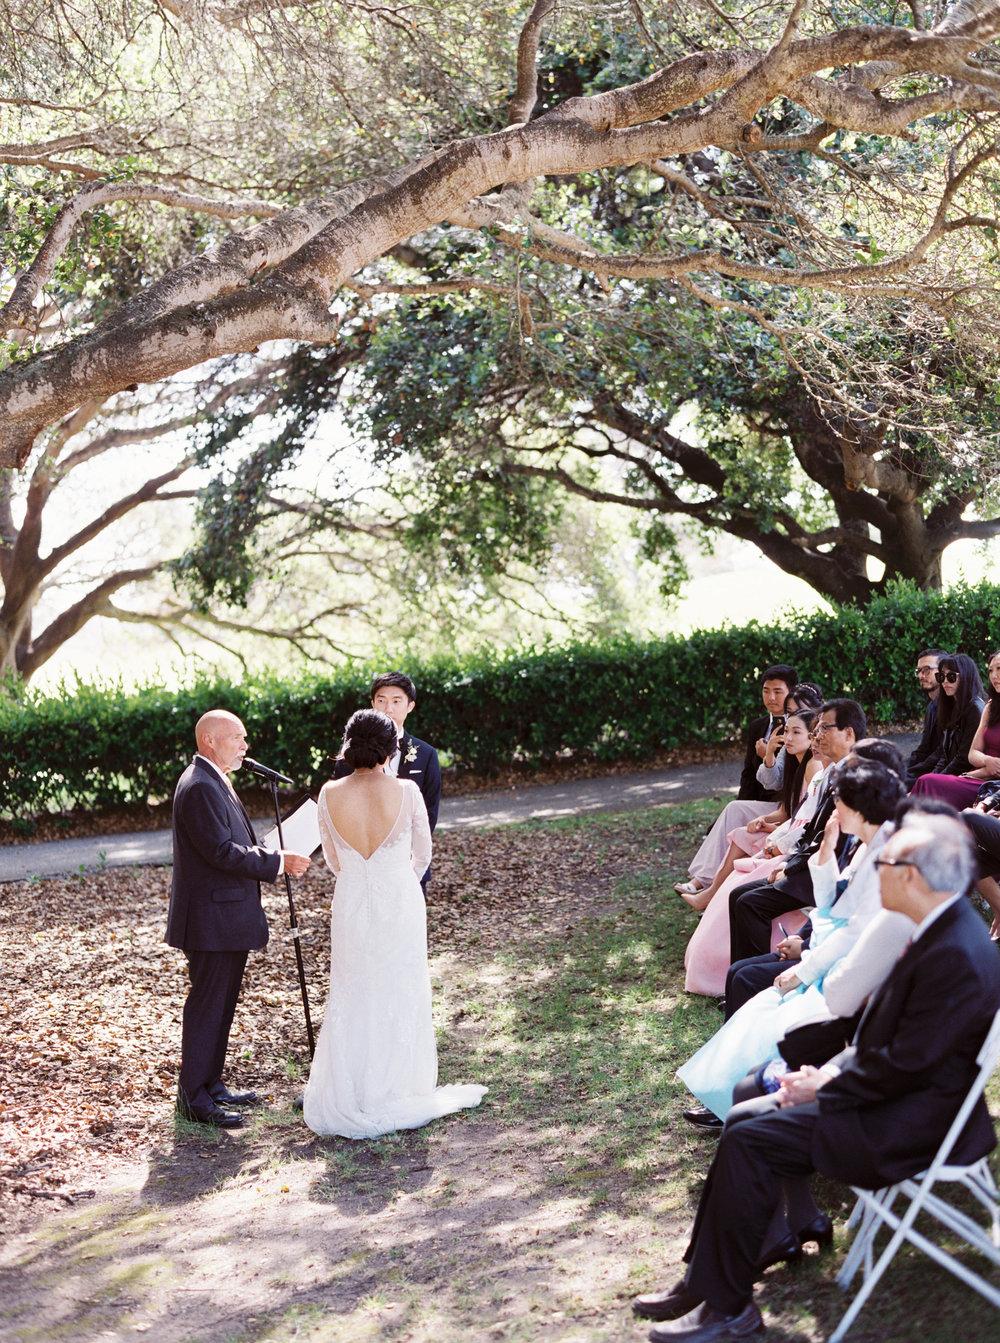 carmel-wedding-at-wedgewood-carmel-california-41.jpg